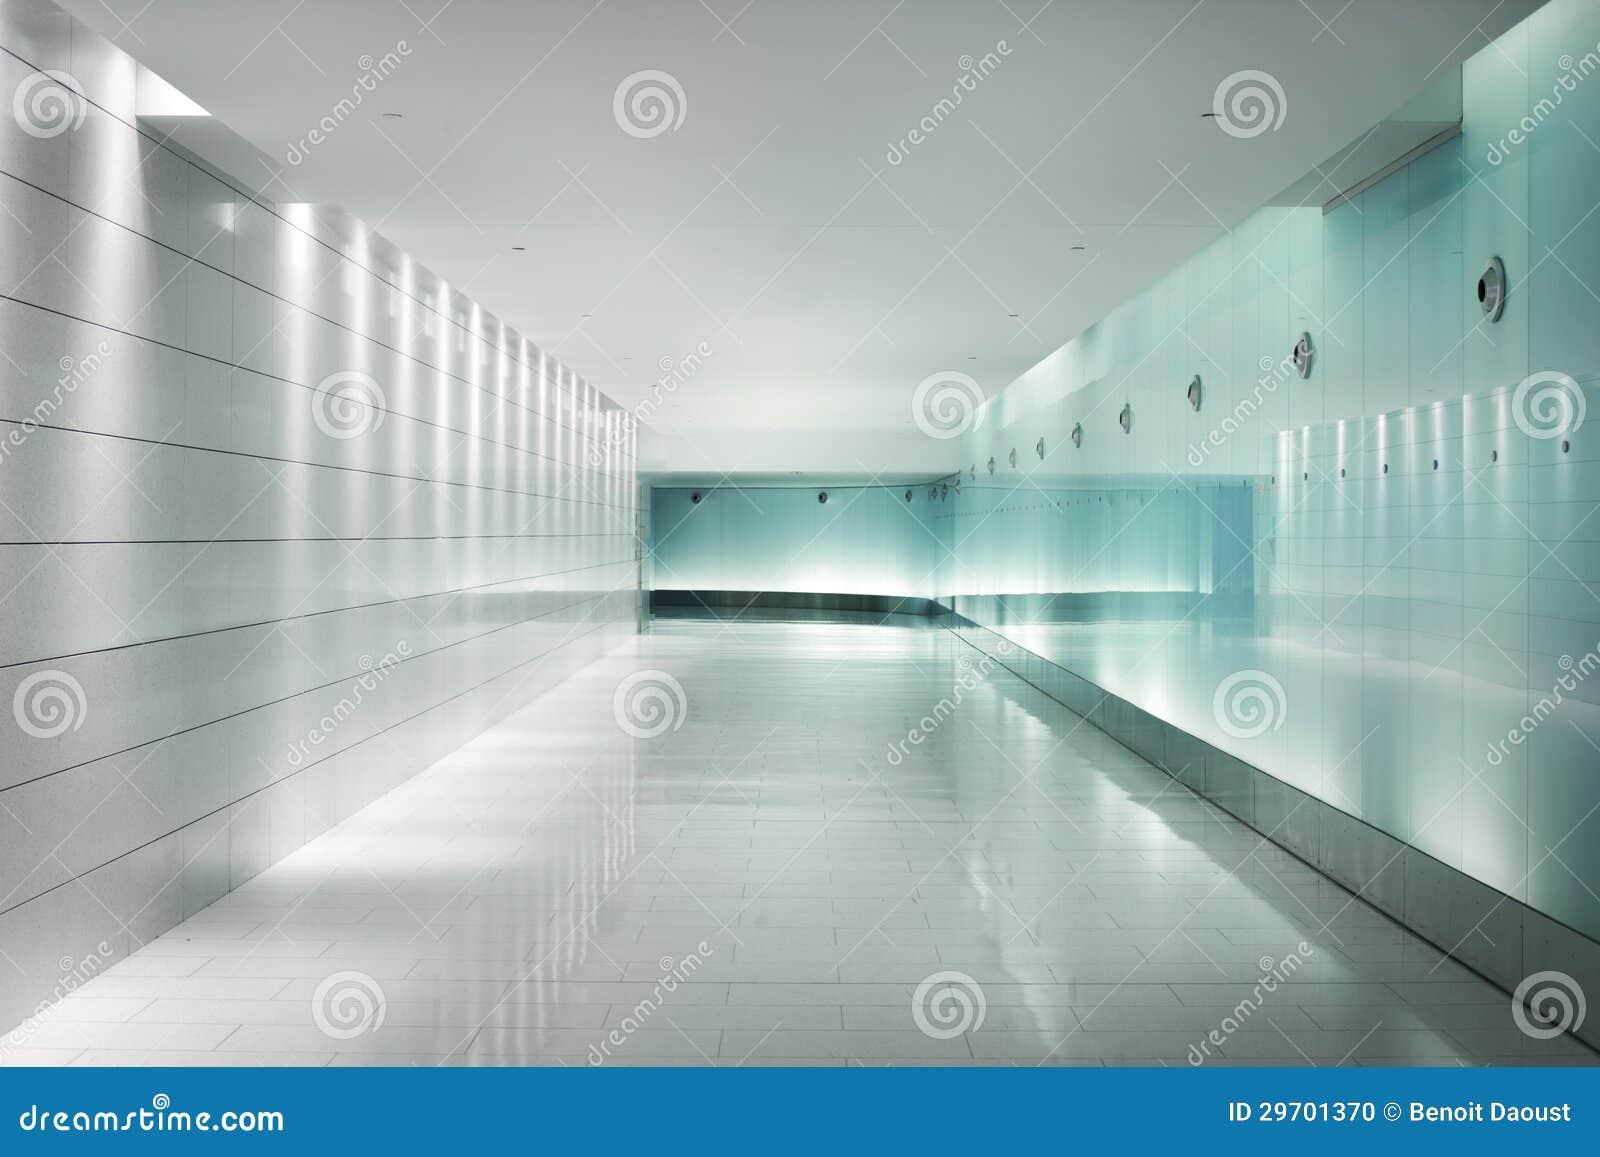 Zur ck beleuchtete glasw nde in einem untert gigen for Quadrat innenarchitektur